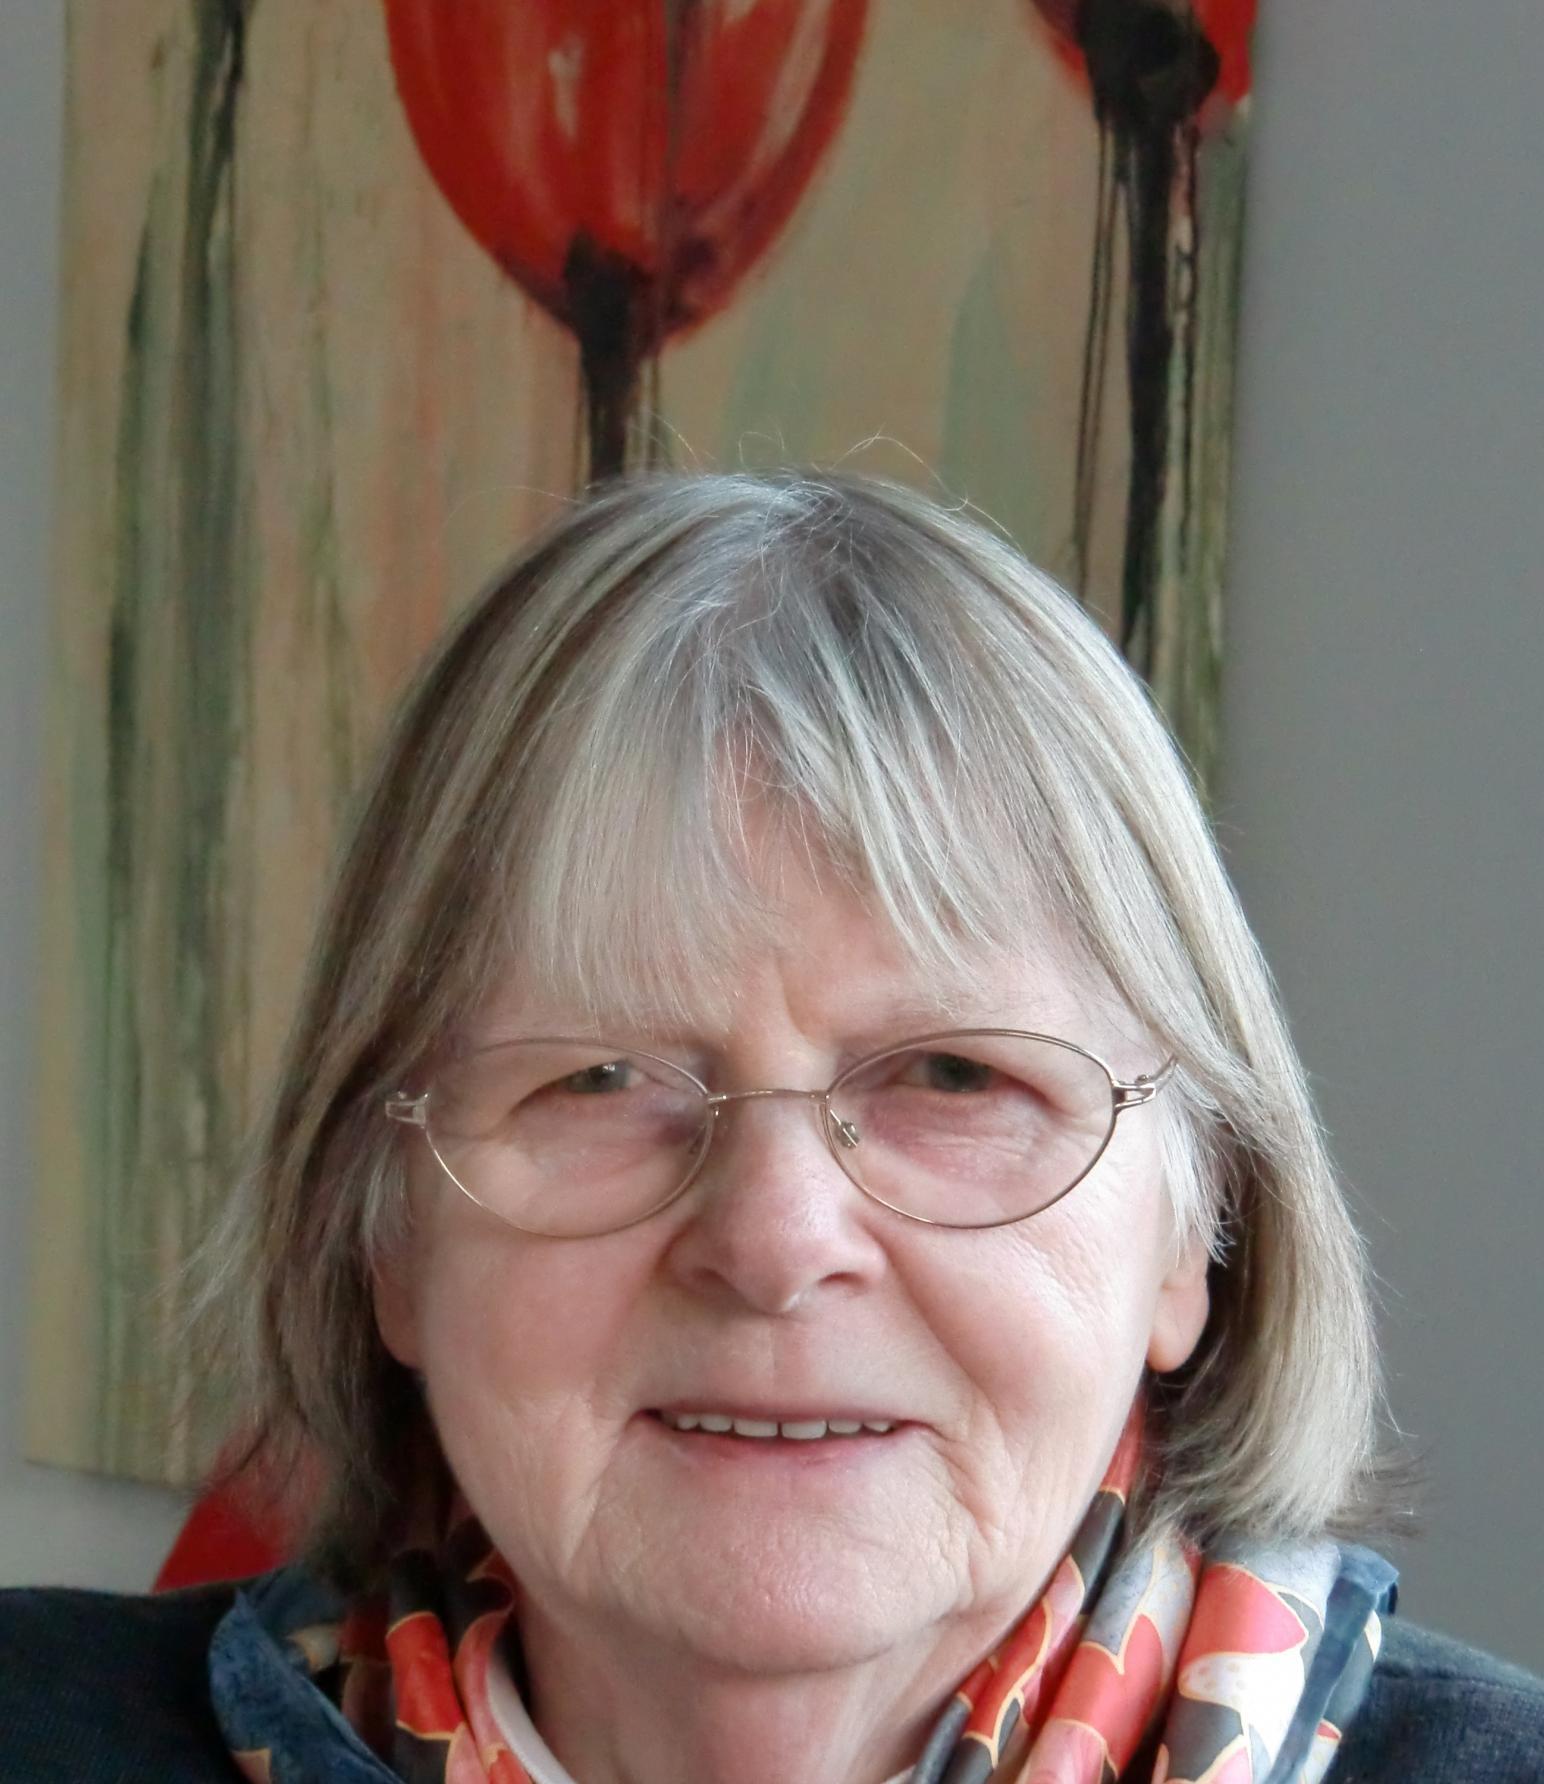 Annelies R. Patientin